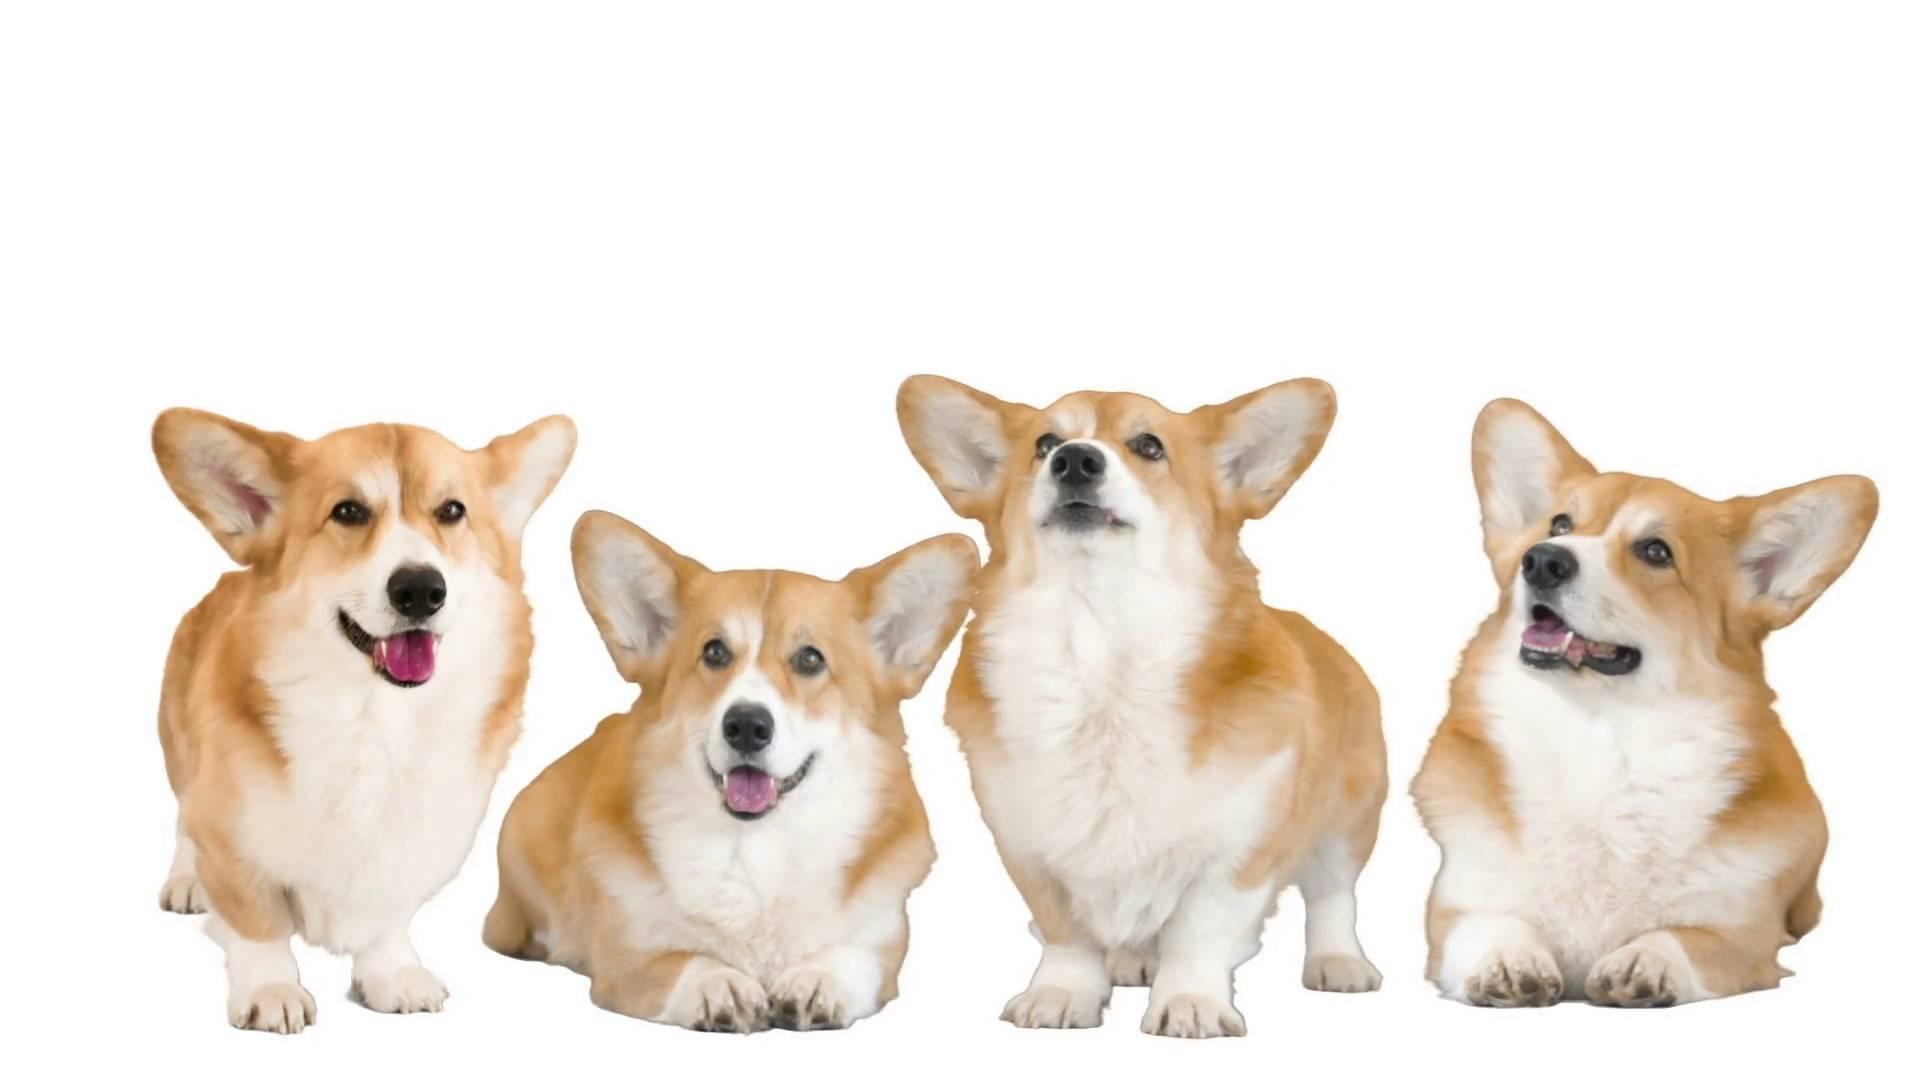 Вельш-корги-пемброк: описание породы, характер собаки и щенка, фото, цена